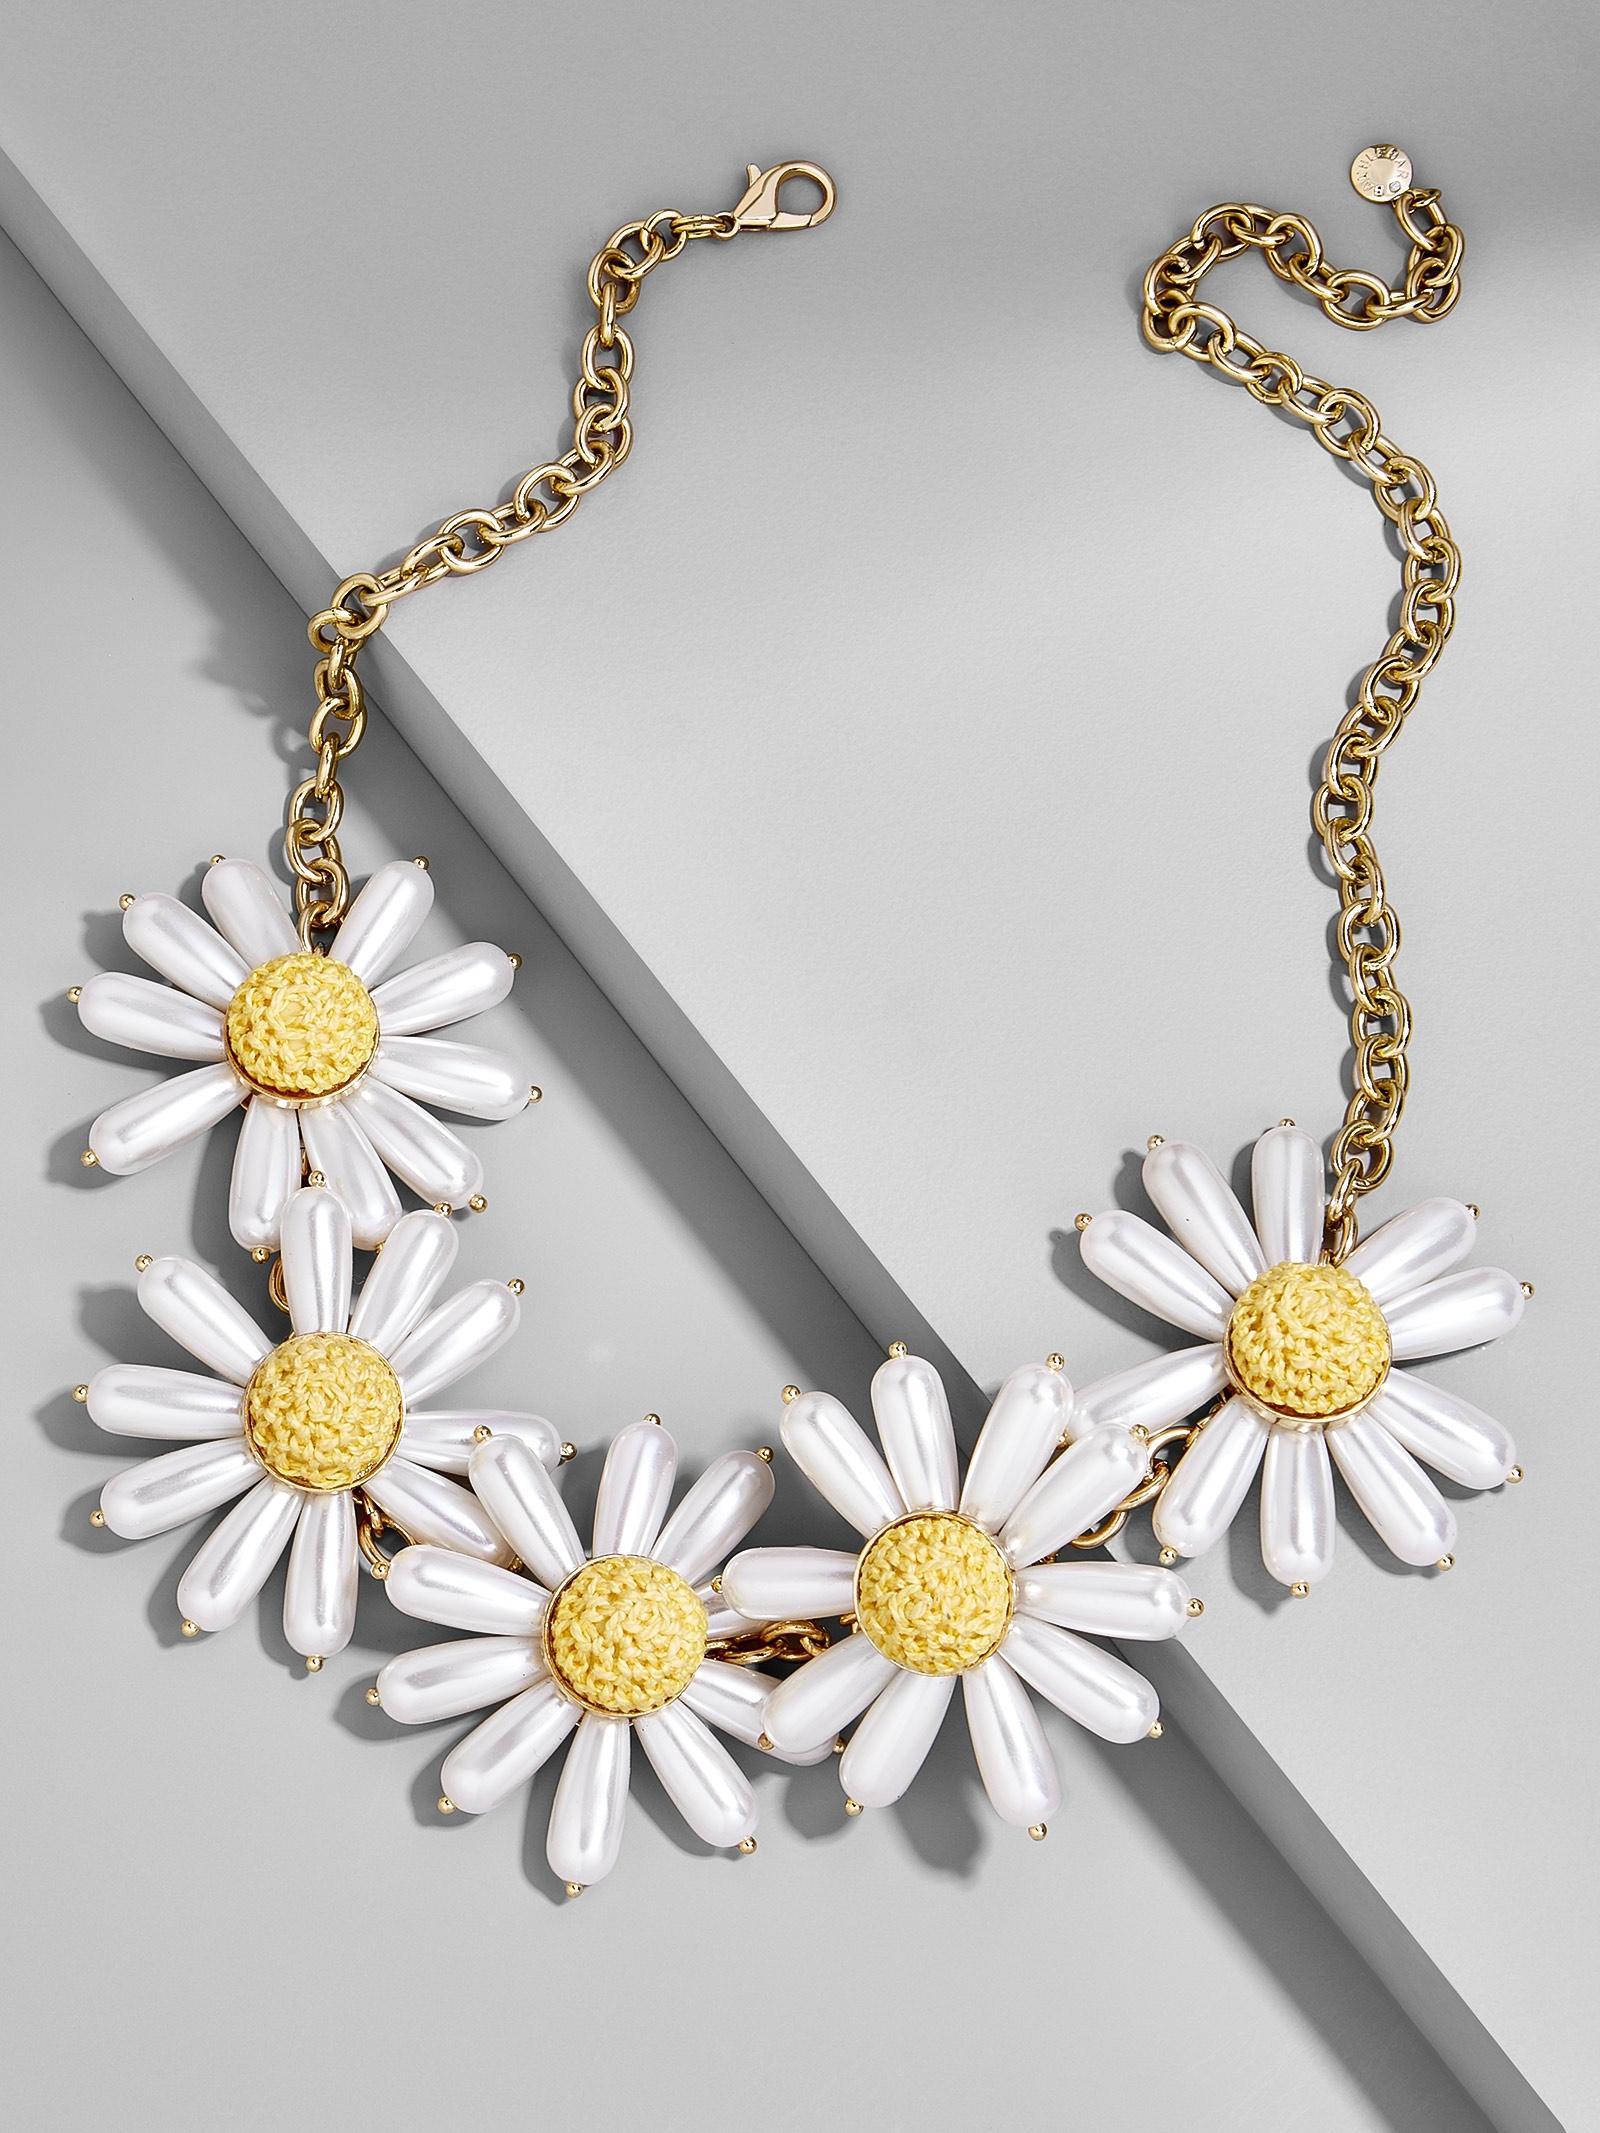 Lyst Baublebar Daisy Flower Statement Necklace